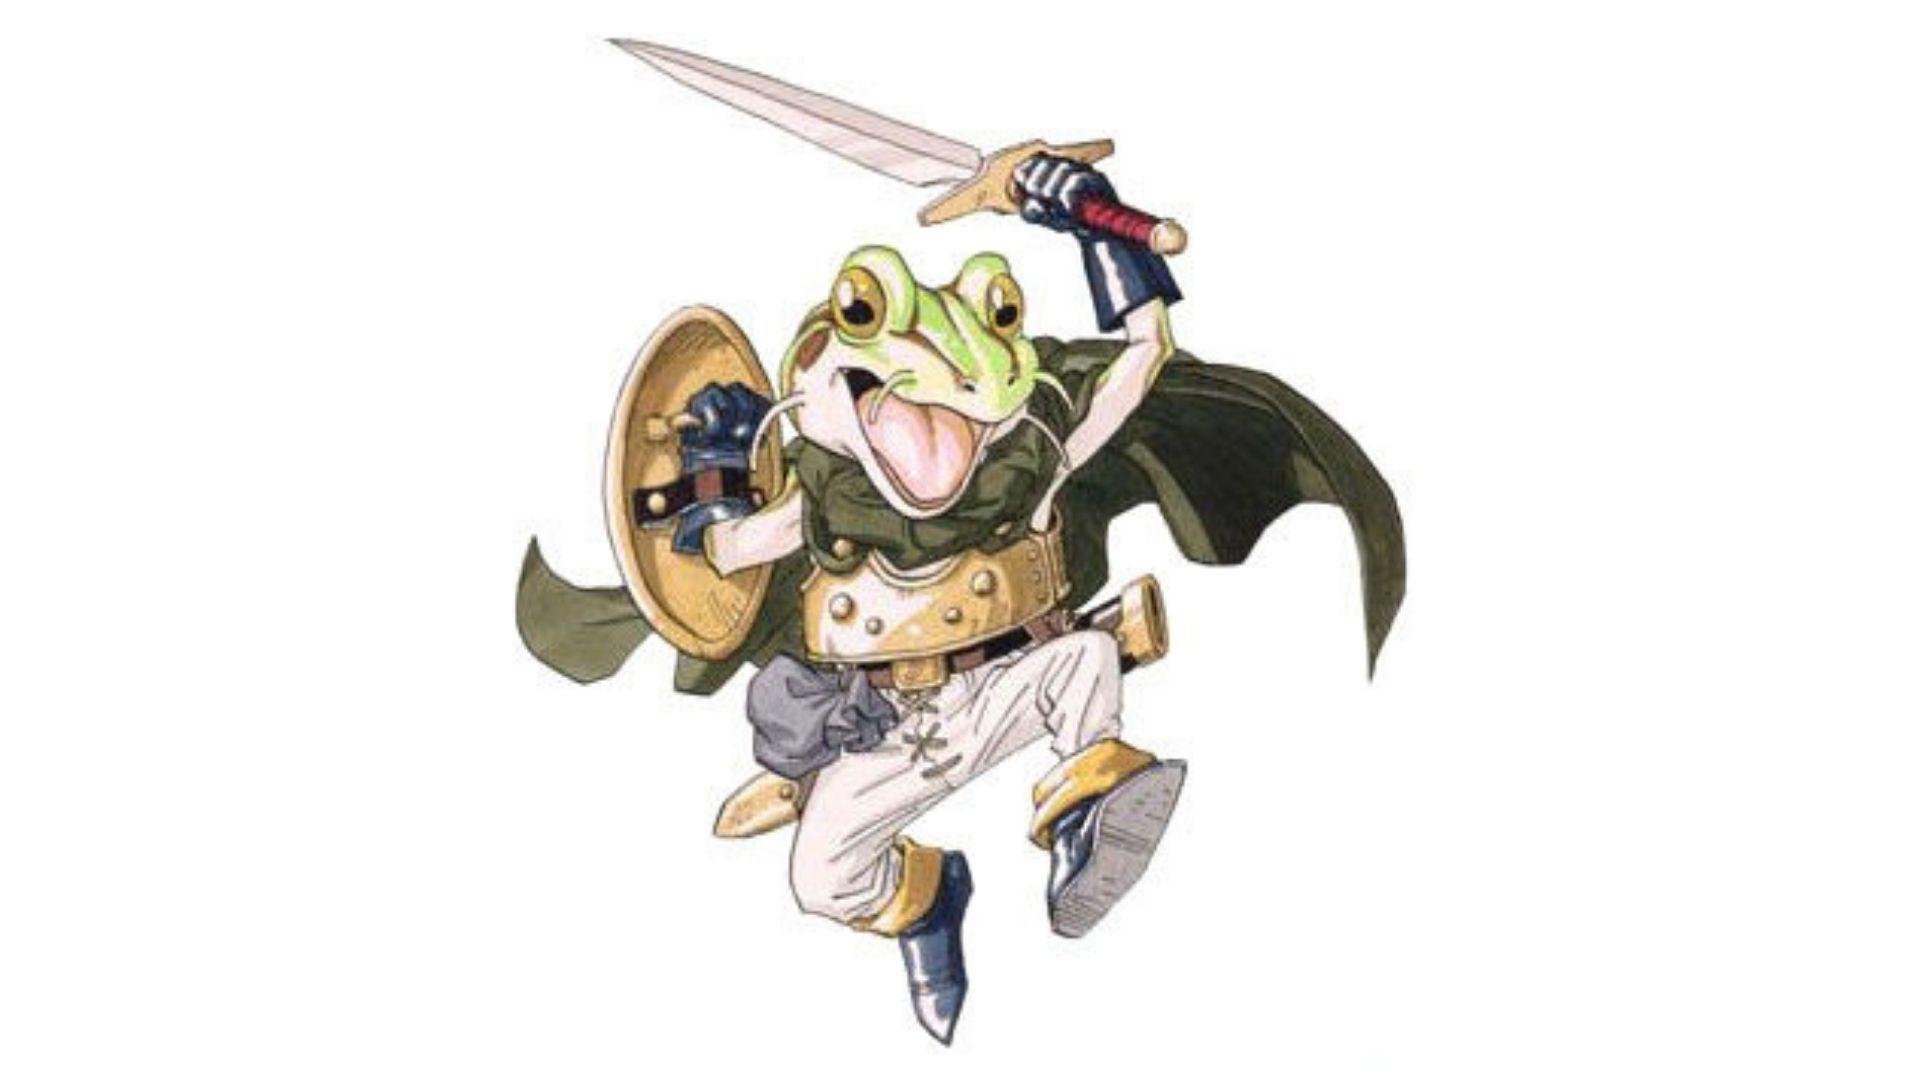 Frog é um cavaleiro medieval amaldiçoado que virou um sapo (Foto: Divulgação/Square Enix)